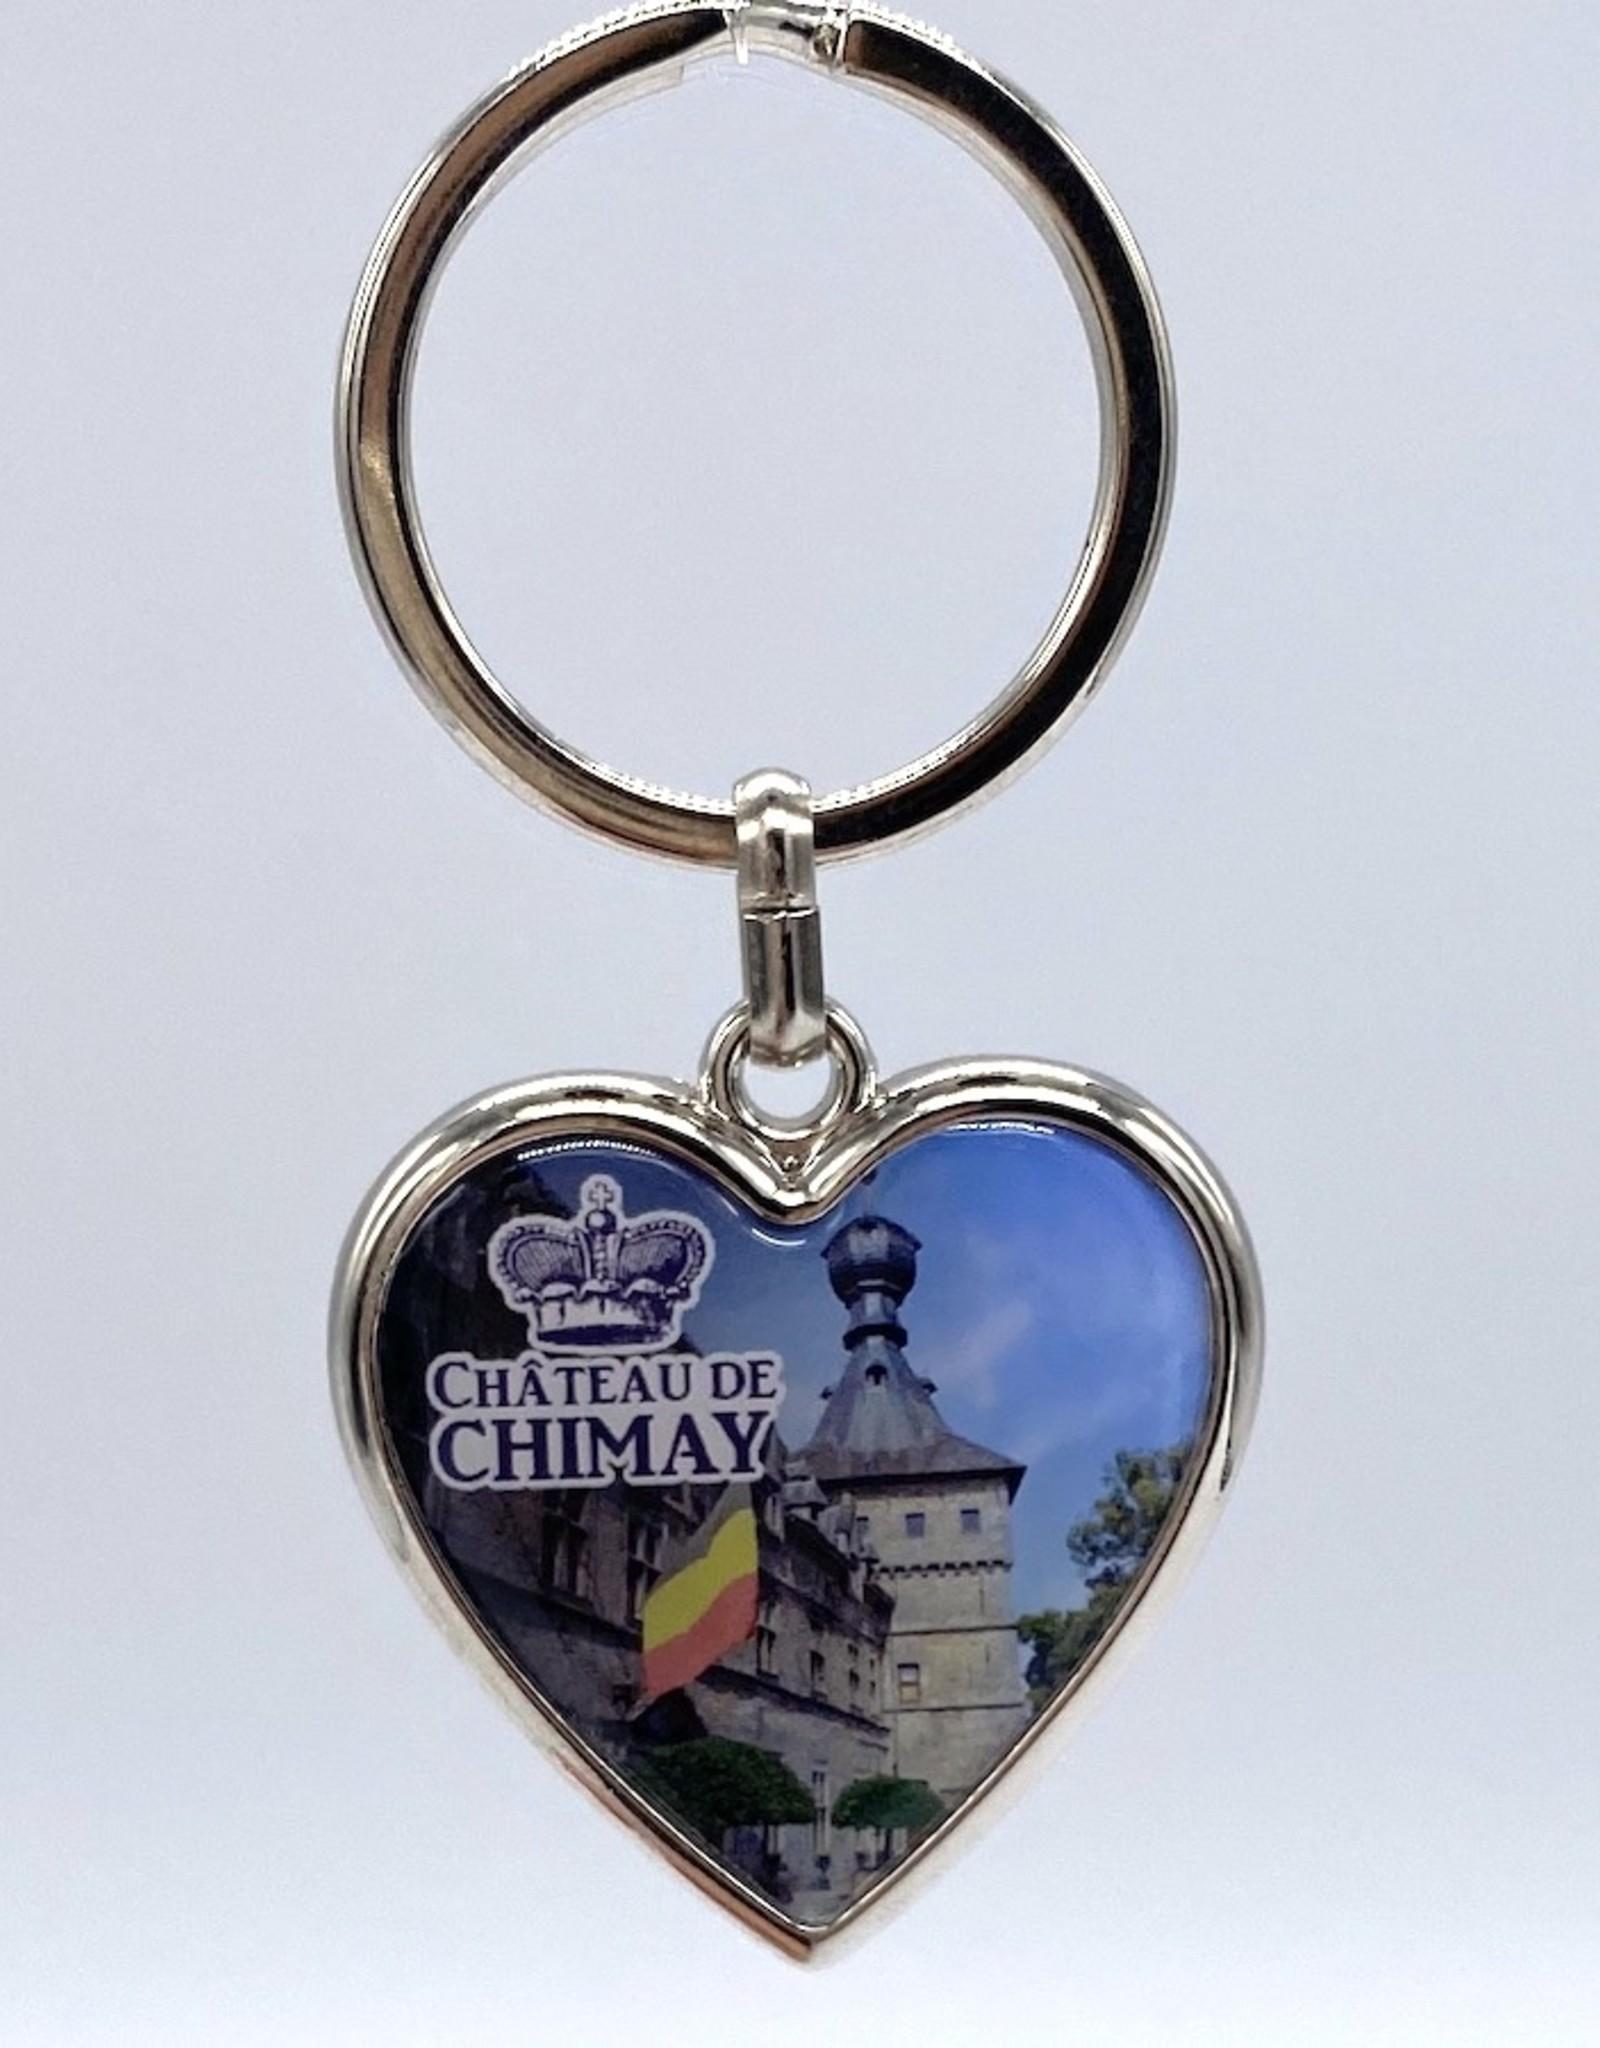 Château de Chimay Porte-clé métal coeur profil + doming